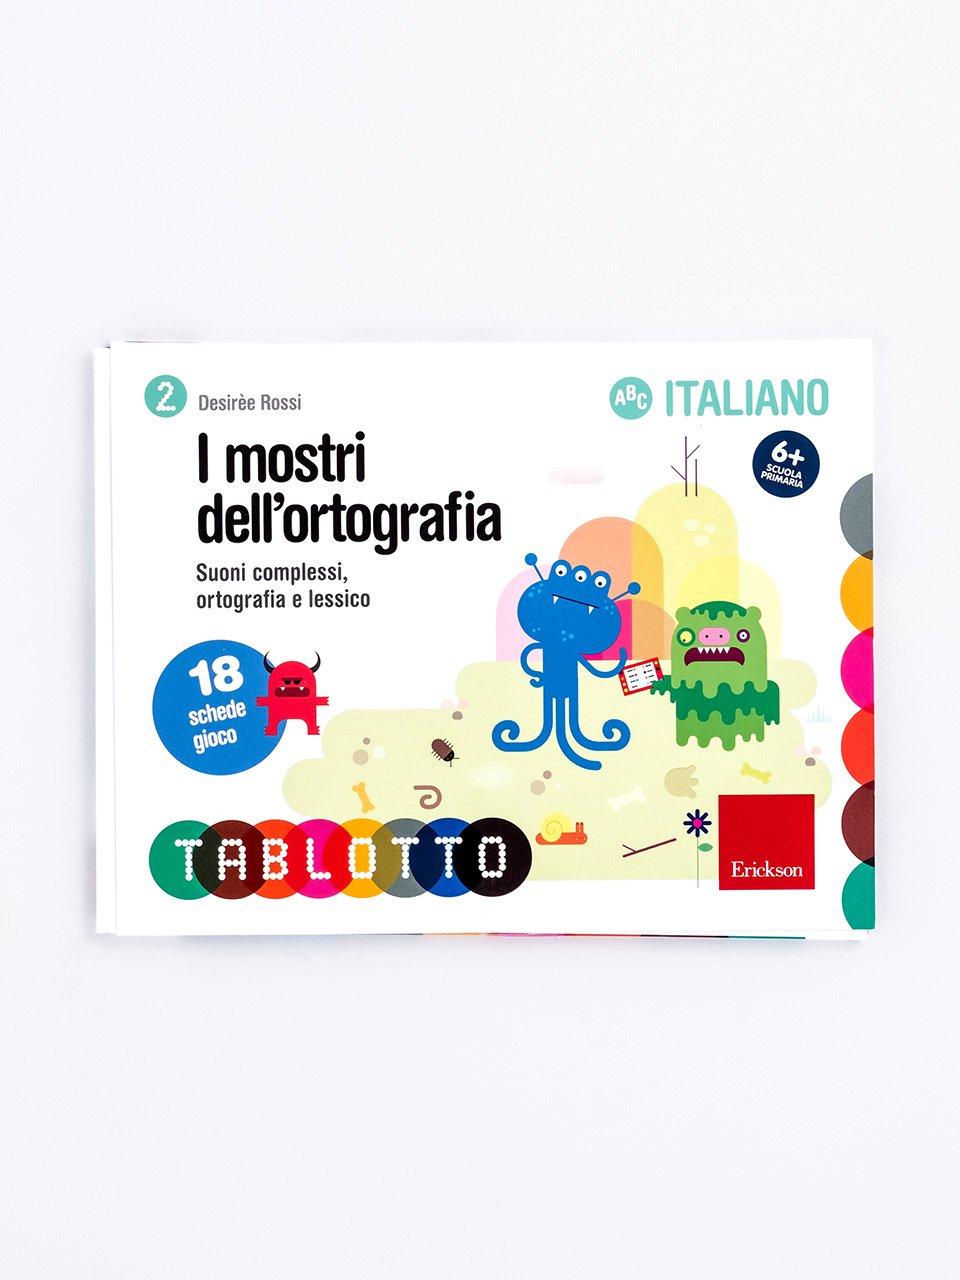 Schede per Tablotto (6-8 anni) - I mostri dell'ortografia - Sillabe in gioco - Giochi - Erickson